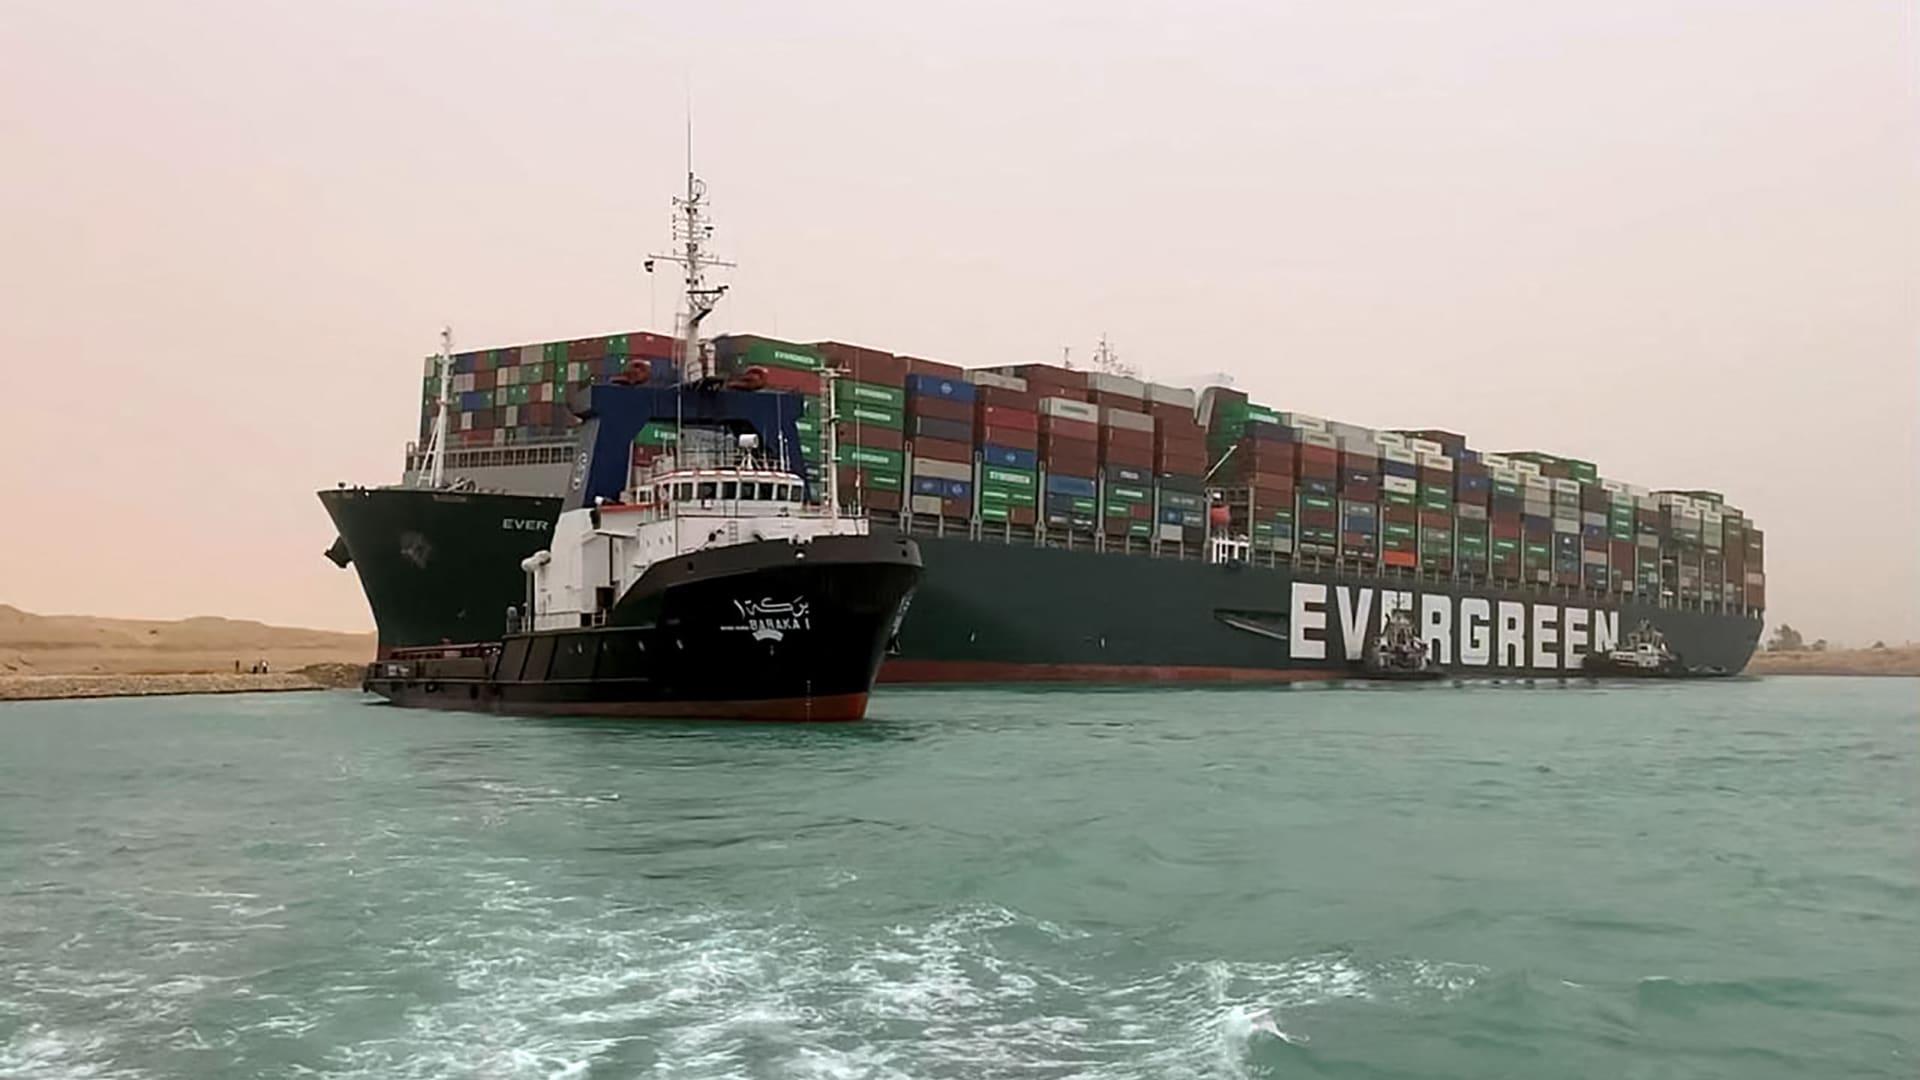 لحظة تحرير السفينة العالقة في قناة السويس تماماً